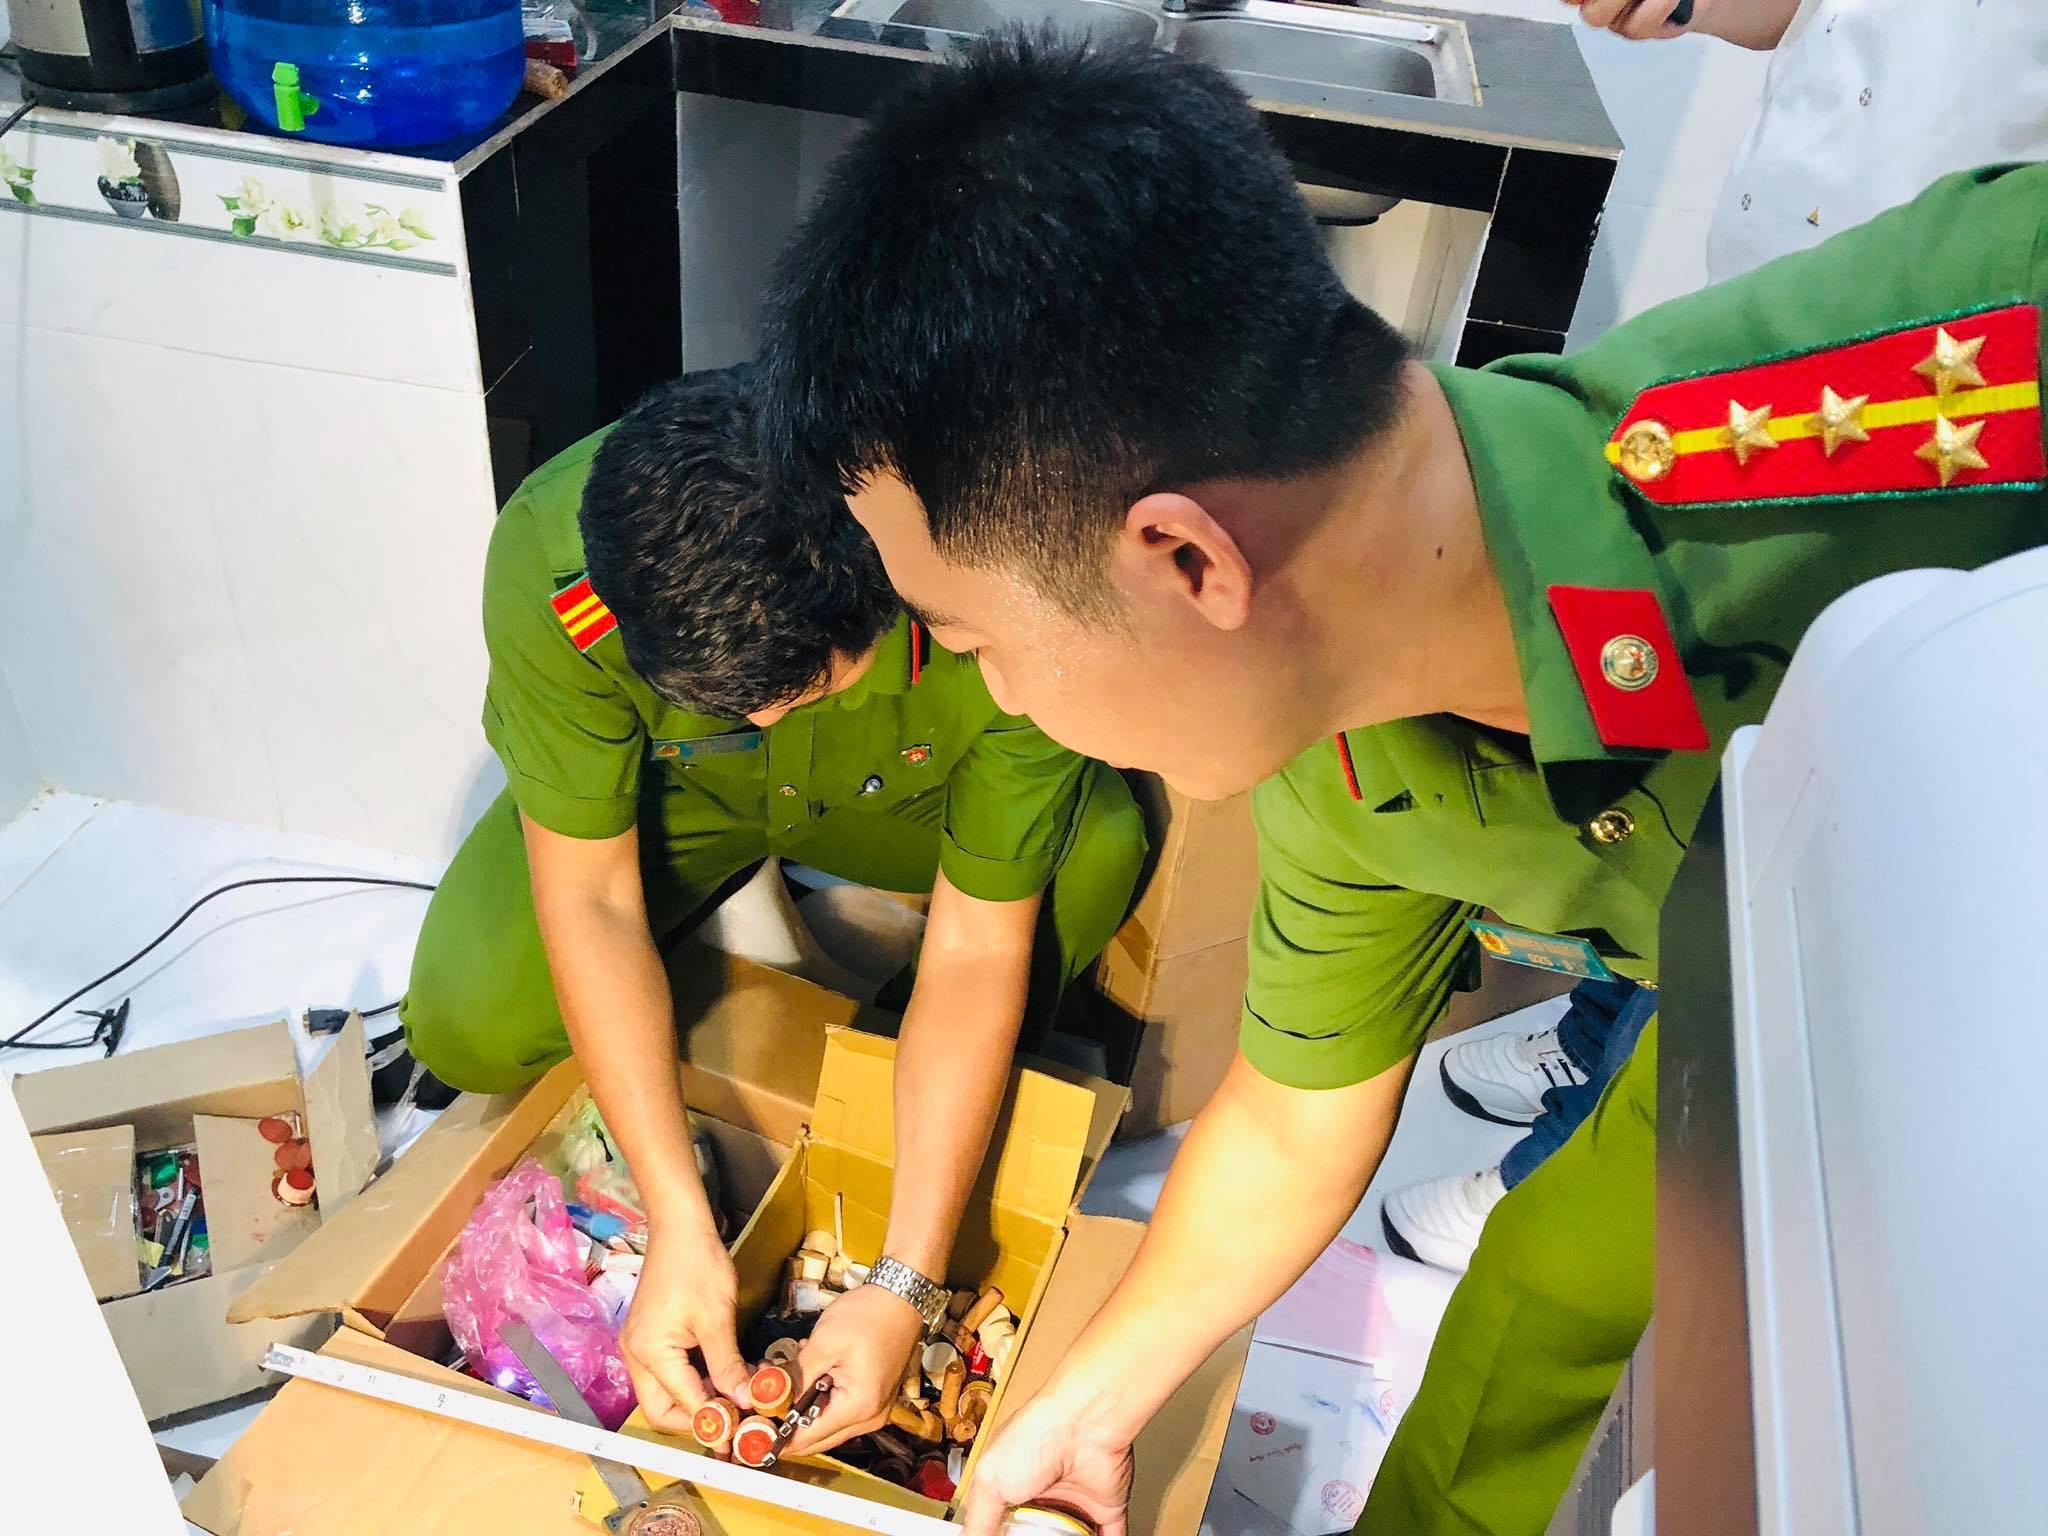 Cả trăm cảnh sát đột kích đường dây làm giả giấy tờ quy mô cực lớn ở TP.HCM và Đồng Nai - 1